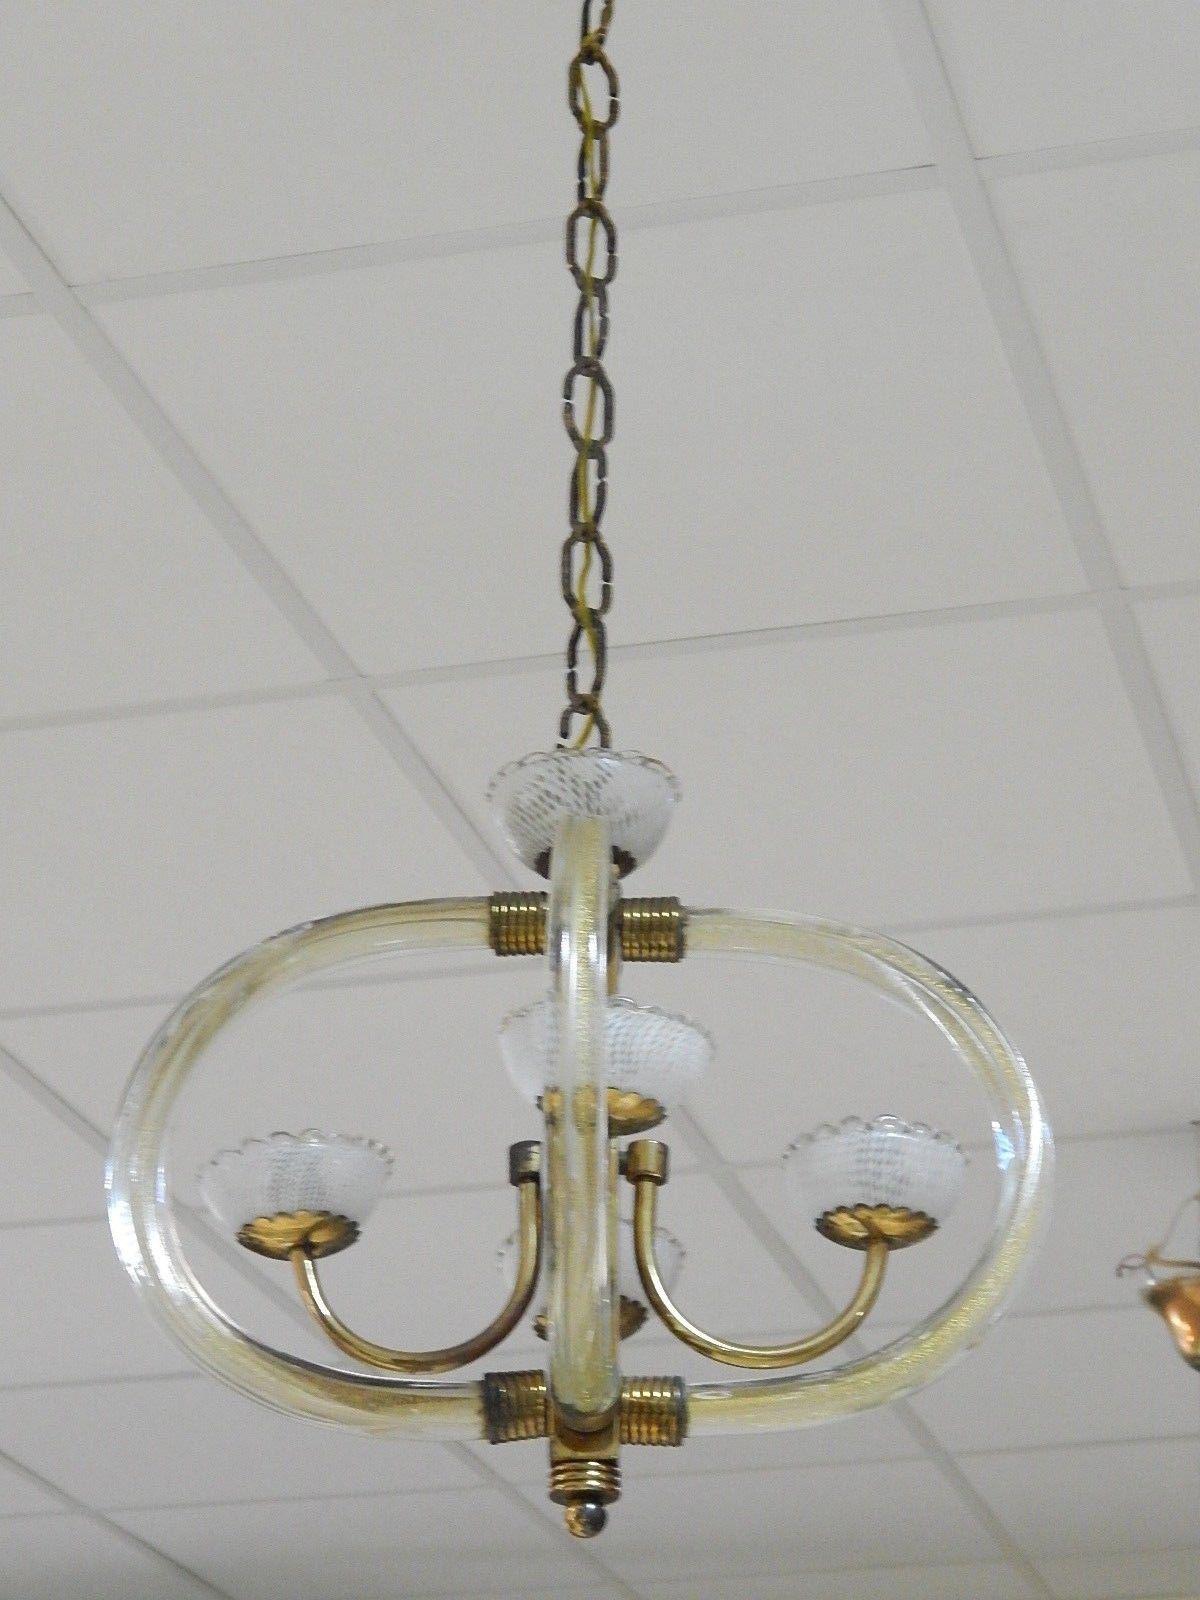 Lampadario Murano Anni 40.Lampadario Murano Venini Anni 30 40 Hanging Lamp Venini Chandelier